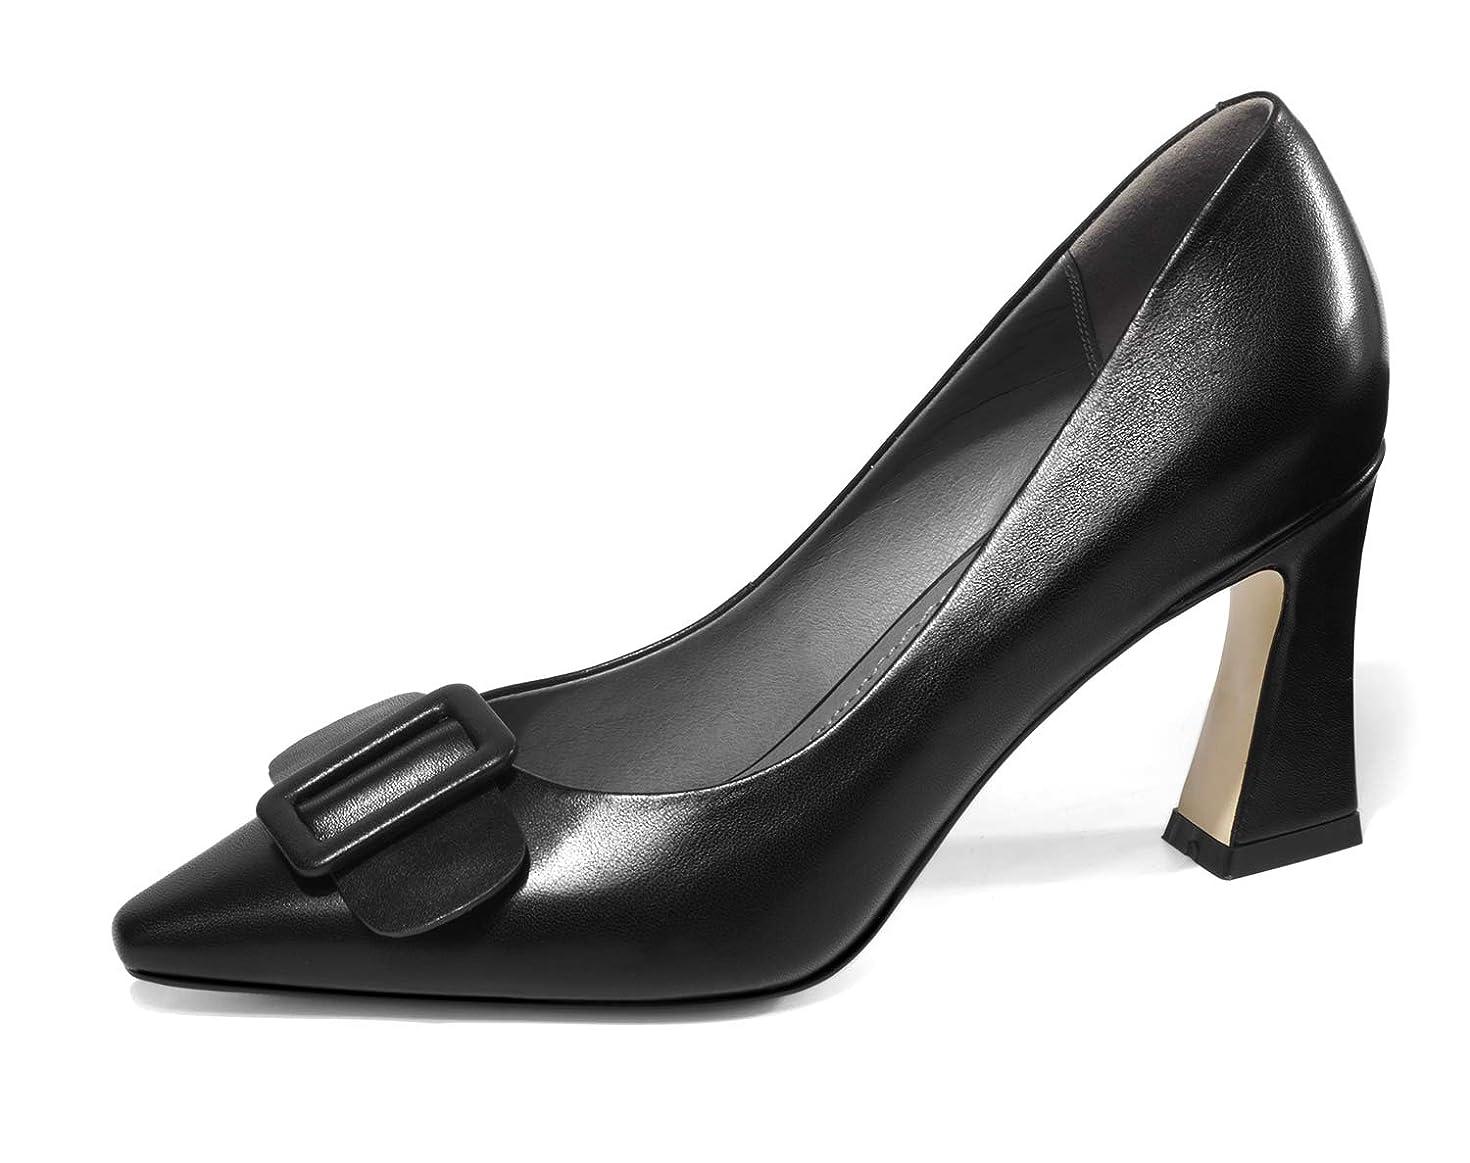 借りている長くする風[チカル] レディース パンプス バックル ハイヒール パンプス モカシン シューズ 手造り 靴 美脚 7.5cm 太ヒール 牛革 レザー 本革 オフィス カジュアル 通勤 結婚式 パーティー 婦人靴 歩きやすい 大きいサイズ